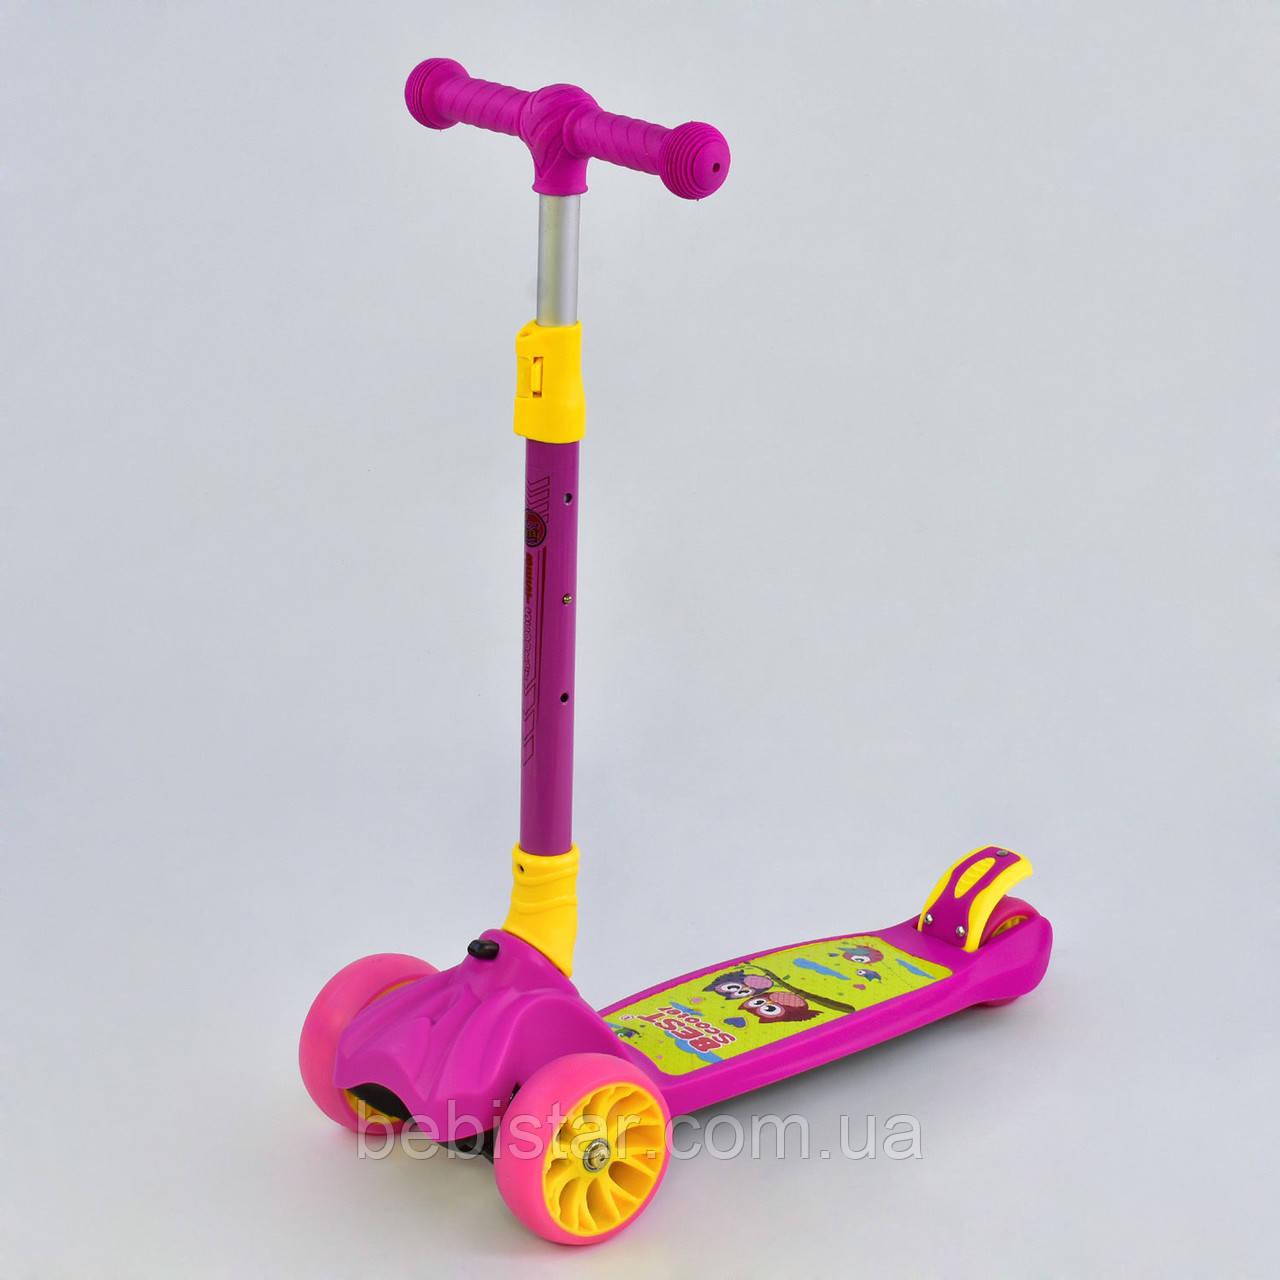 Самокат трехколесный детский розовый Best Scooter светящиеся колеса складной руль от 3 лет